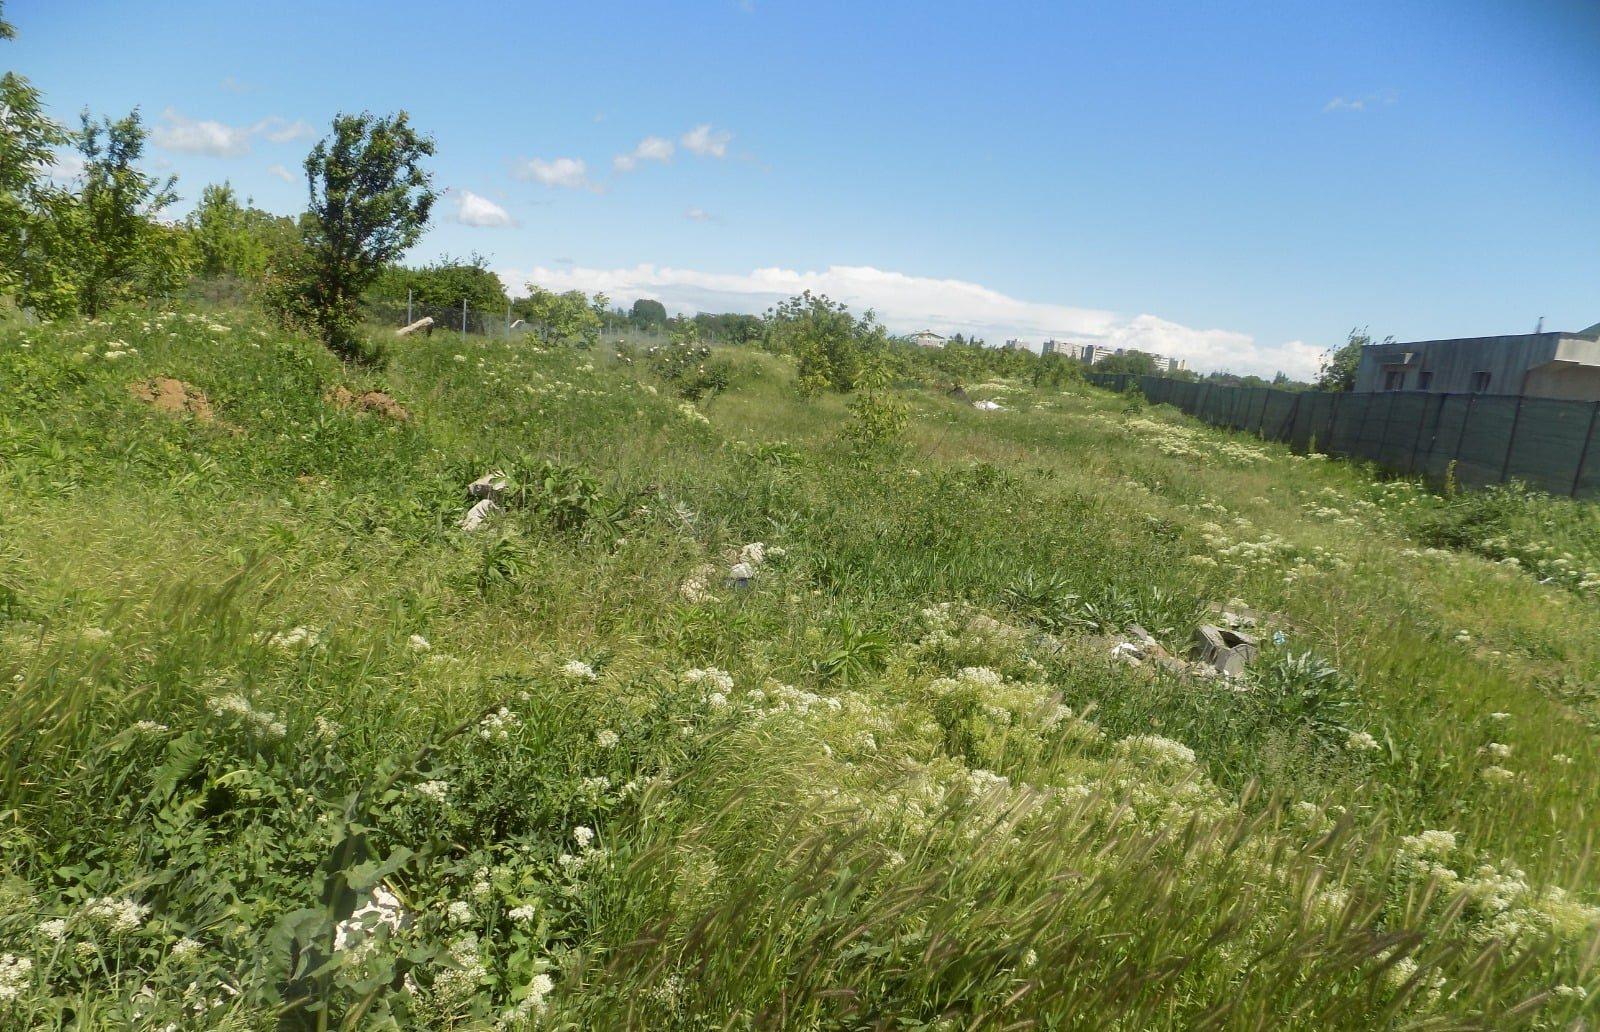 amenzi pentru proprietarii de terenuri care nu curăță ambrozia